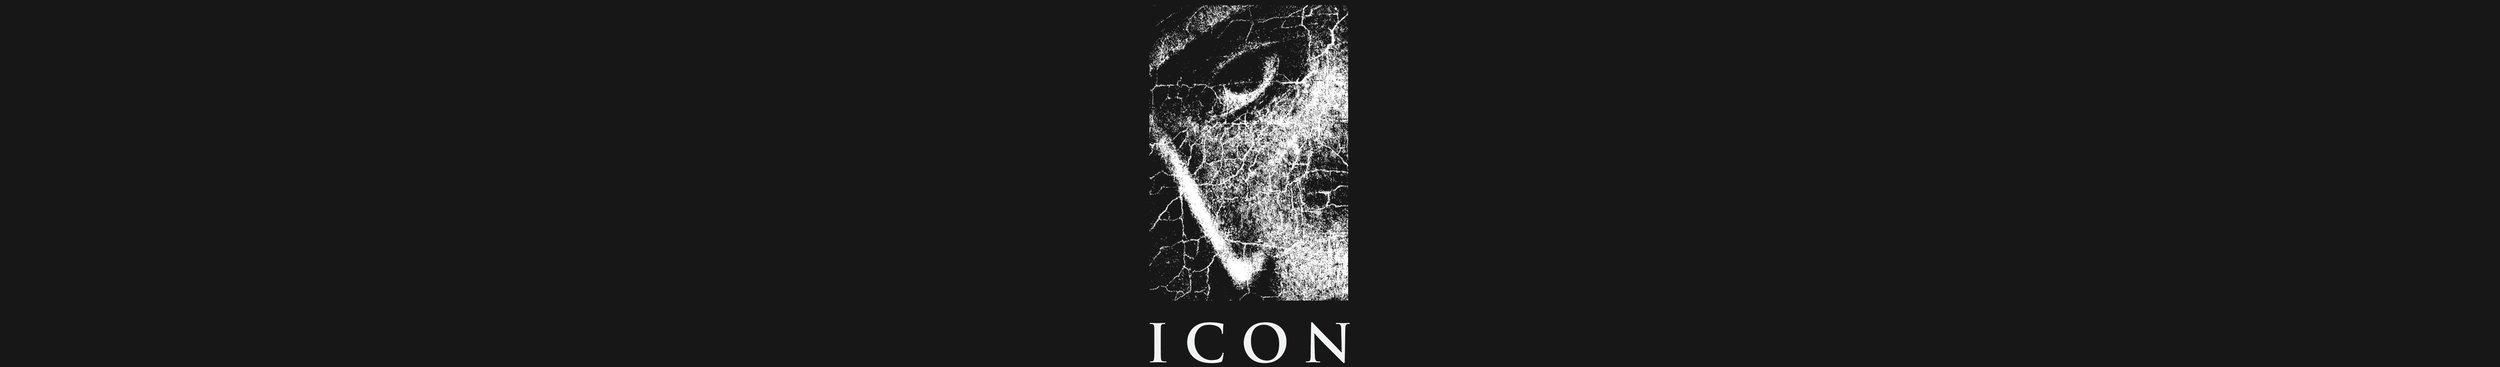 IntWebsite_Clients_White_Icon.jpg